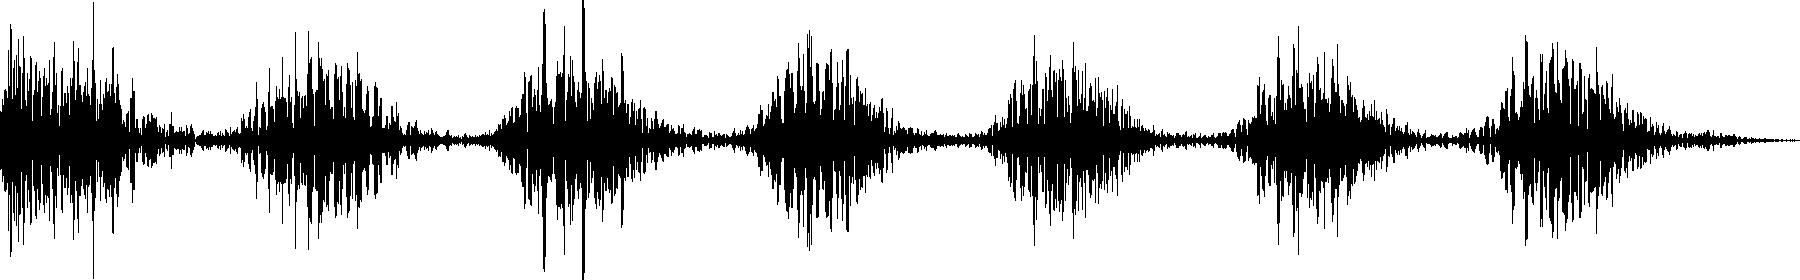 ps480 o1